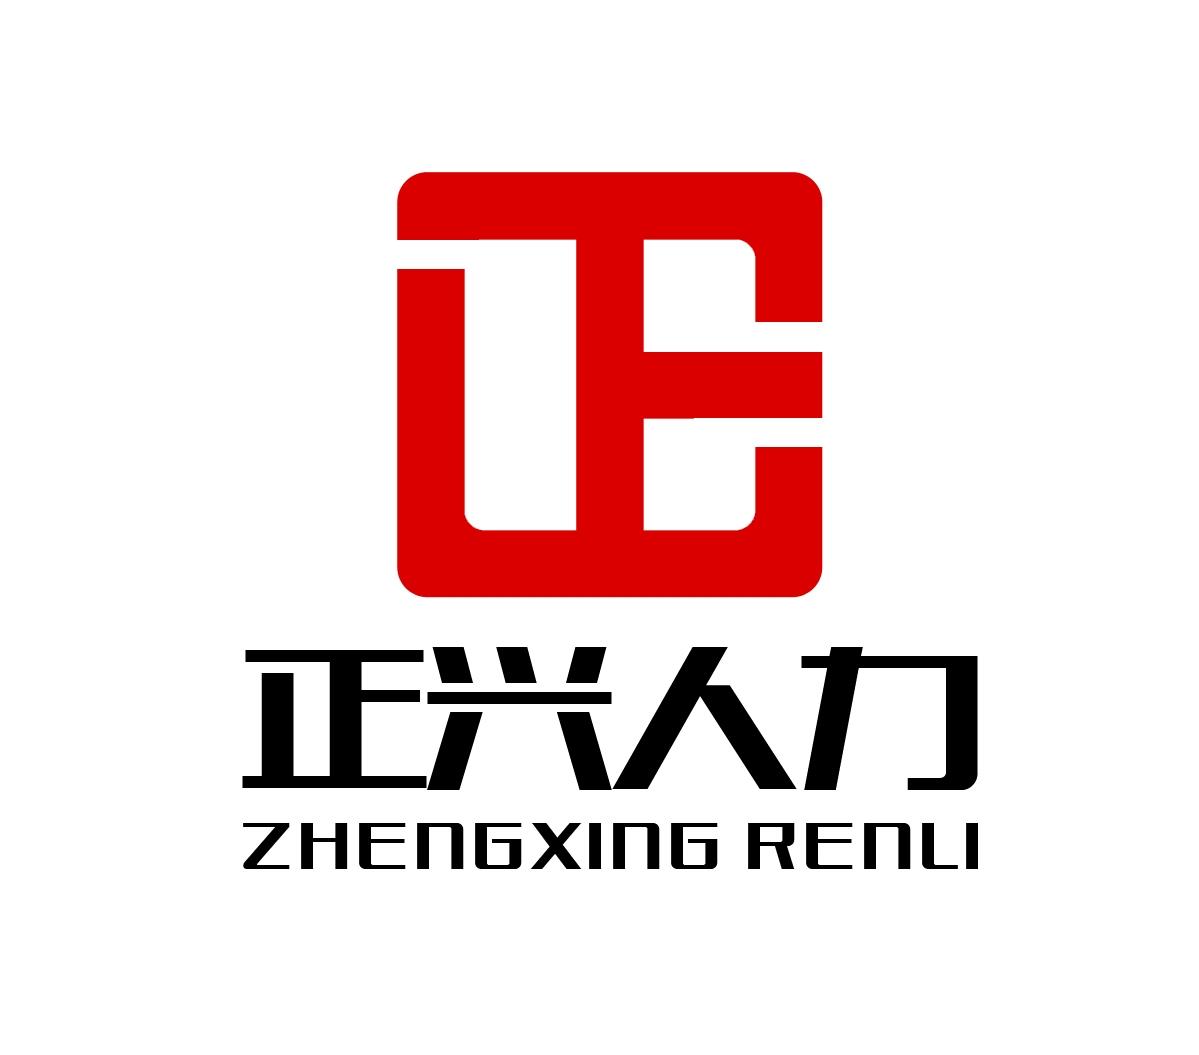 济南市钢城区正兴人力资源有限公司